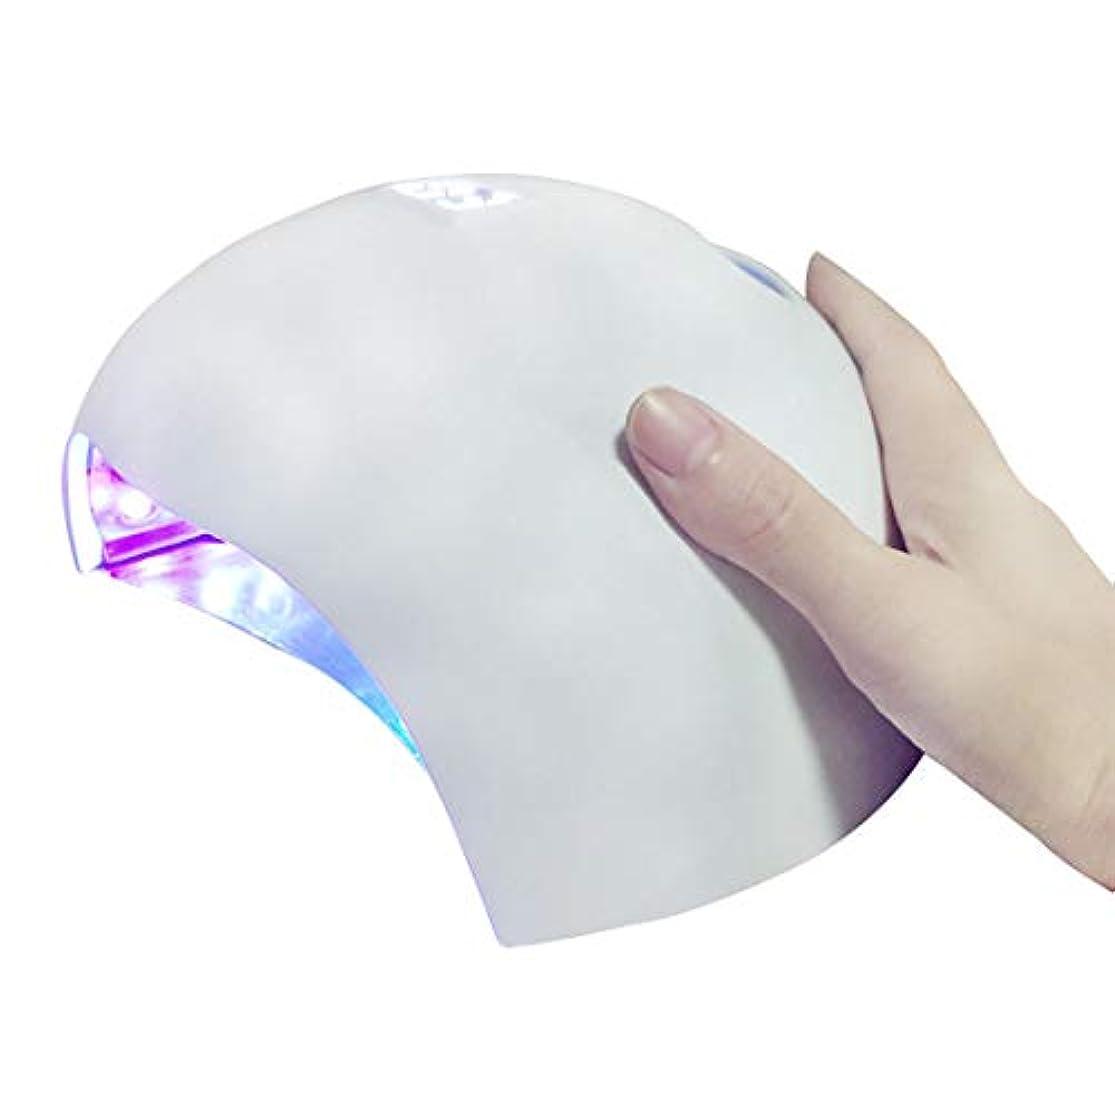 シェラックおよびゲルの釘のための専門の紫外線およびLEDの釘ランプそして釘のドライヤーの表示